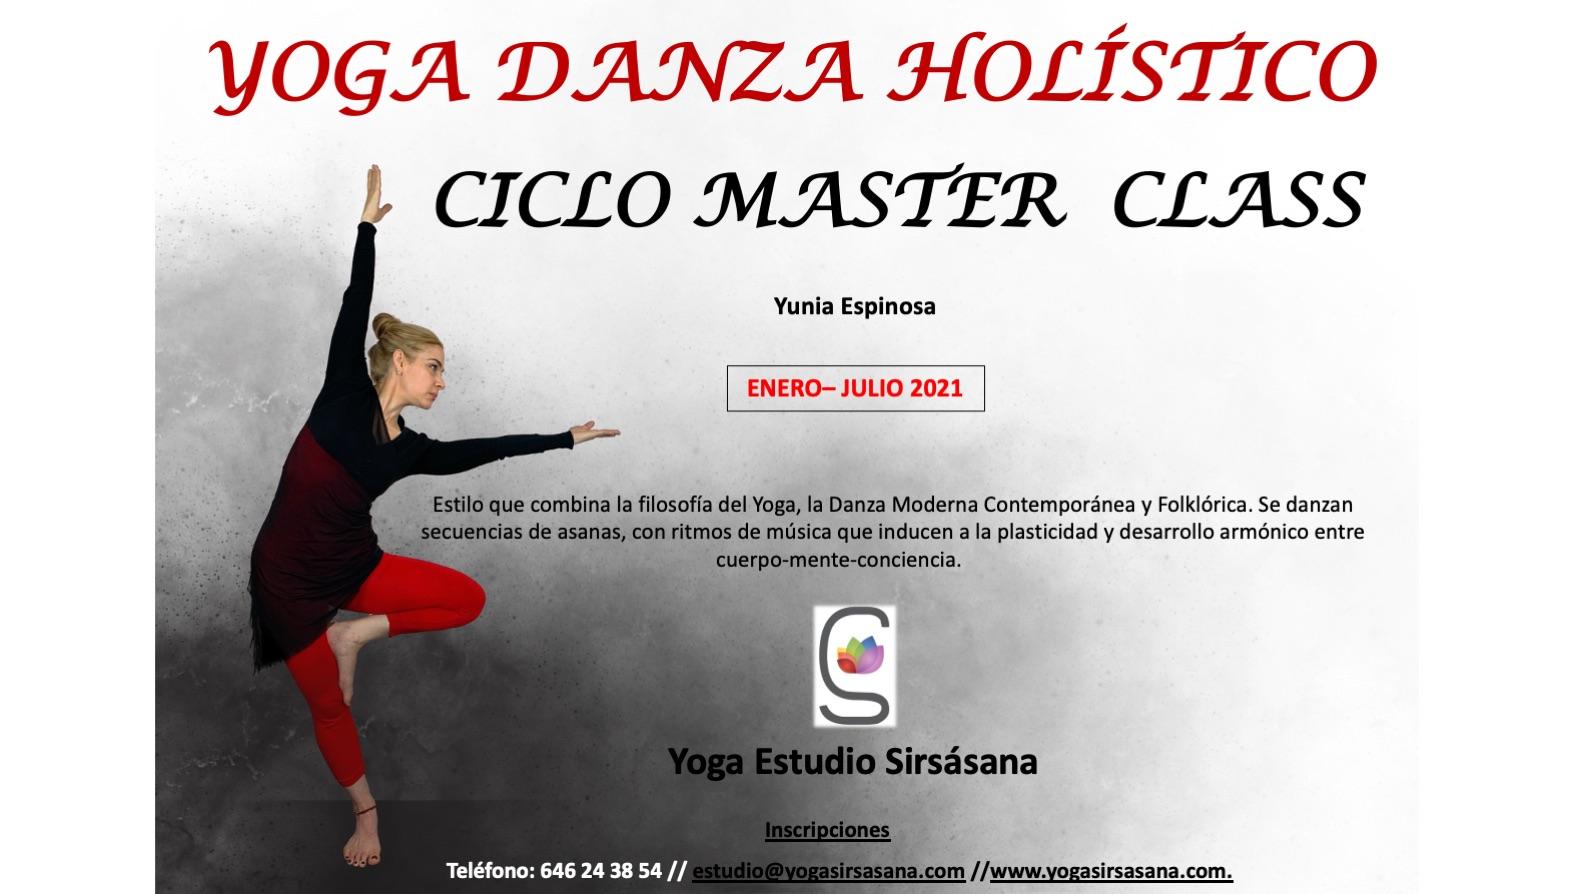 Master class Yoga danza holística con Yunia Espinosa